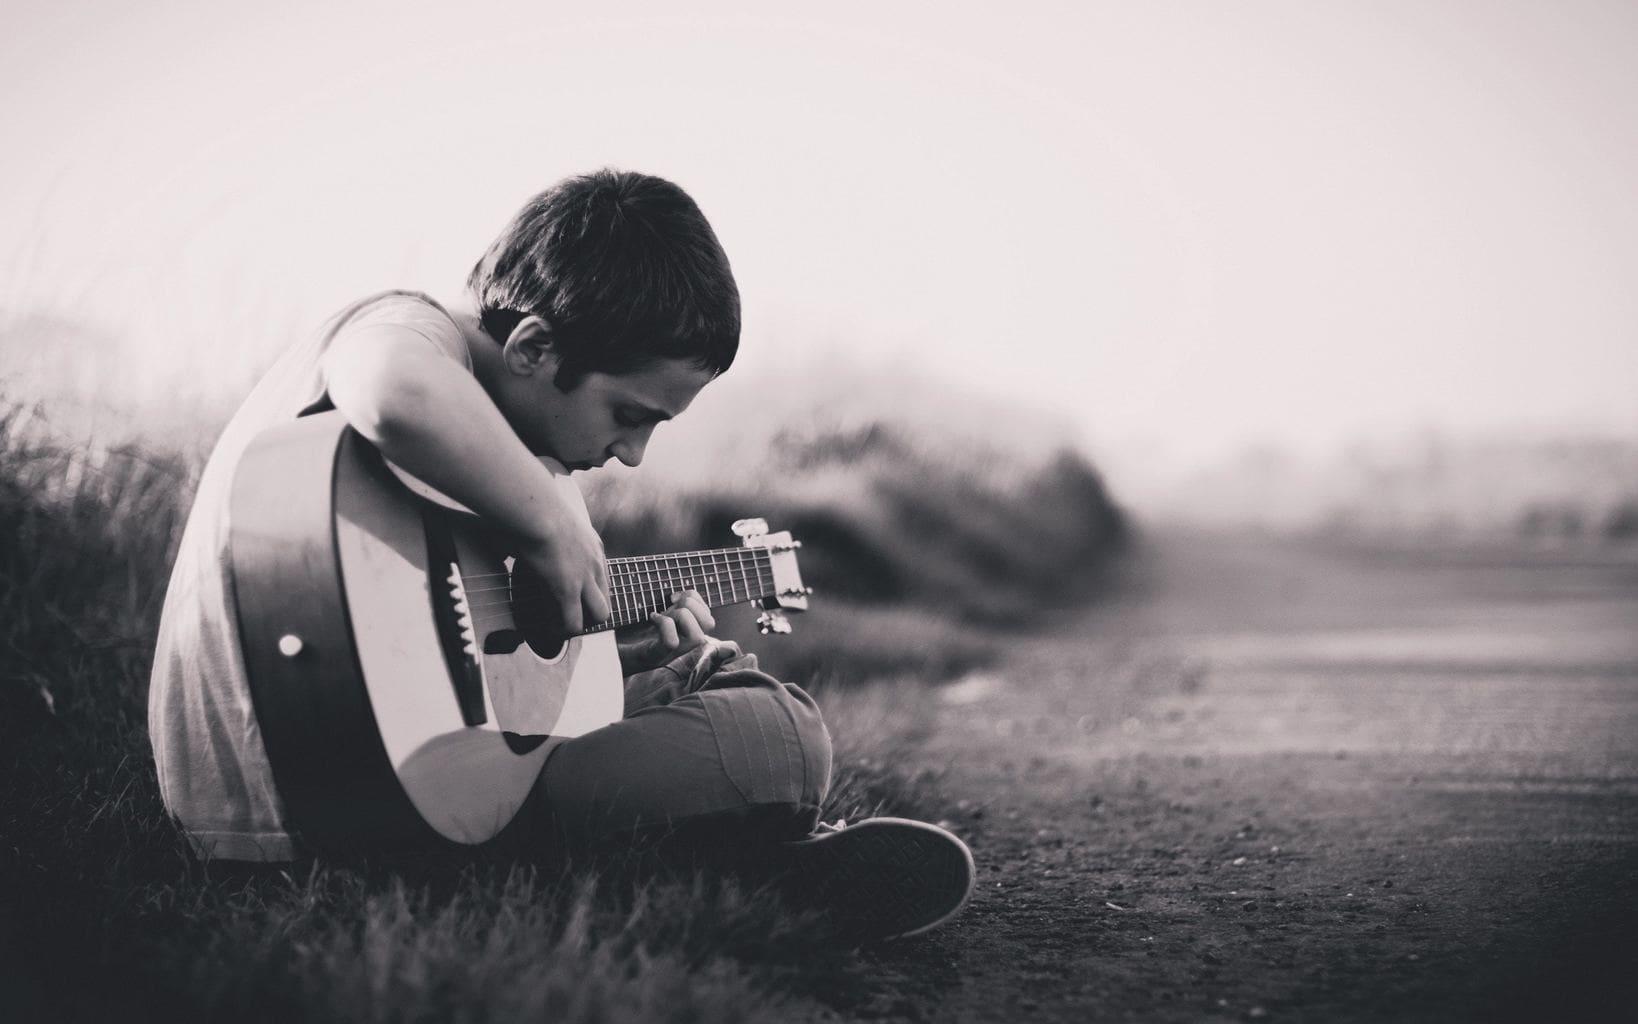 fotografía un niño tocando la guitarra